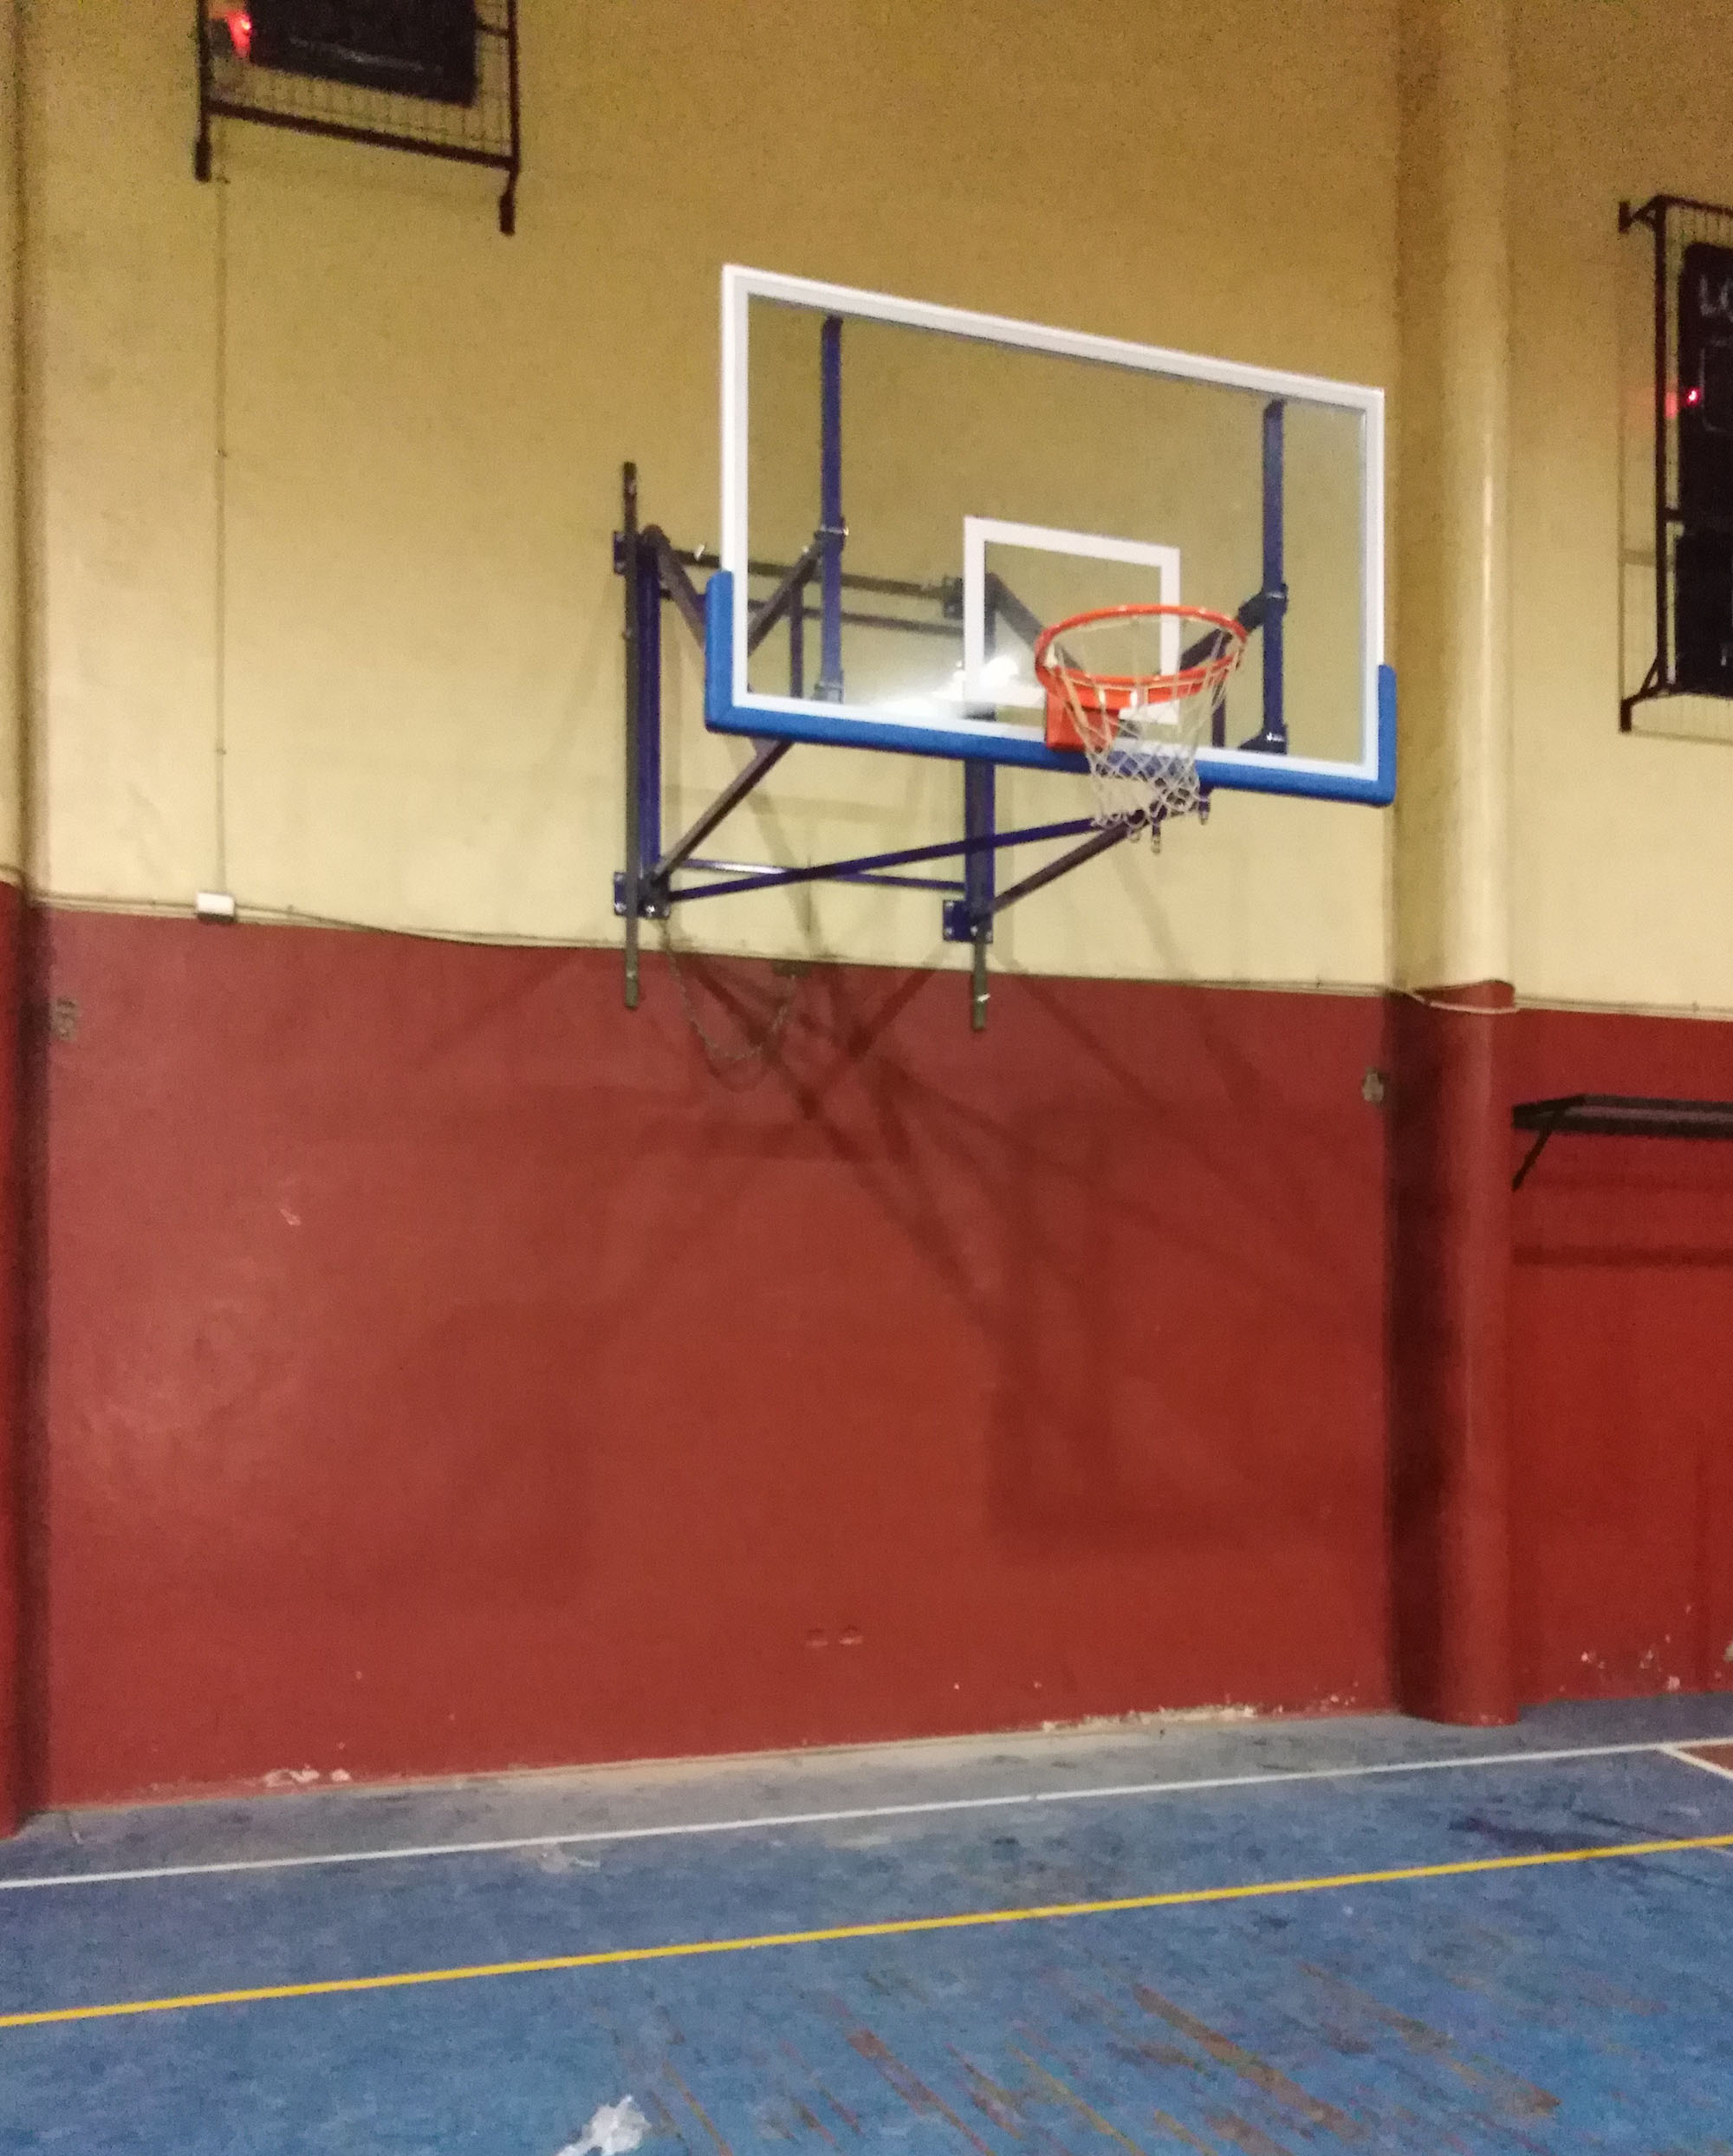 Tablero de básquetbol plegable empotrado al muro - comuna de La Unión